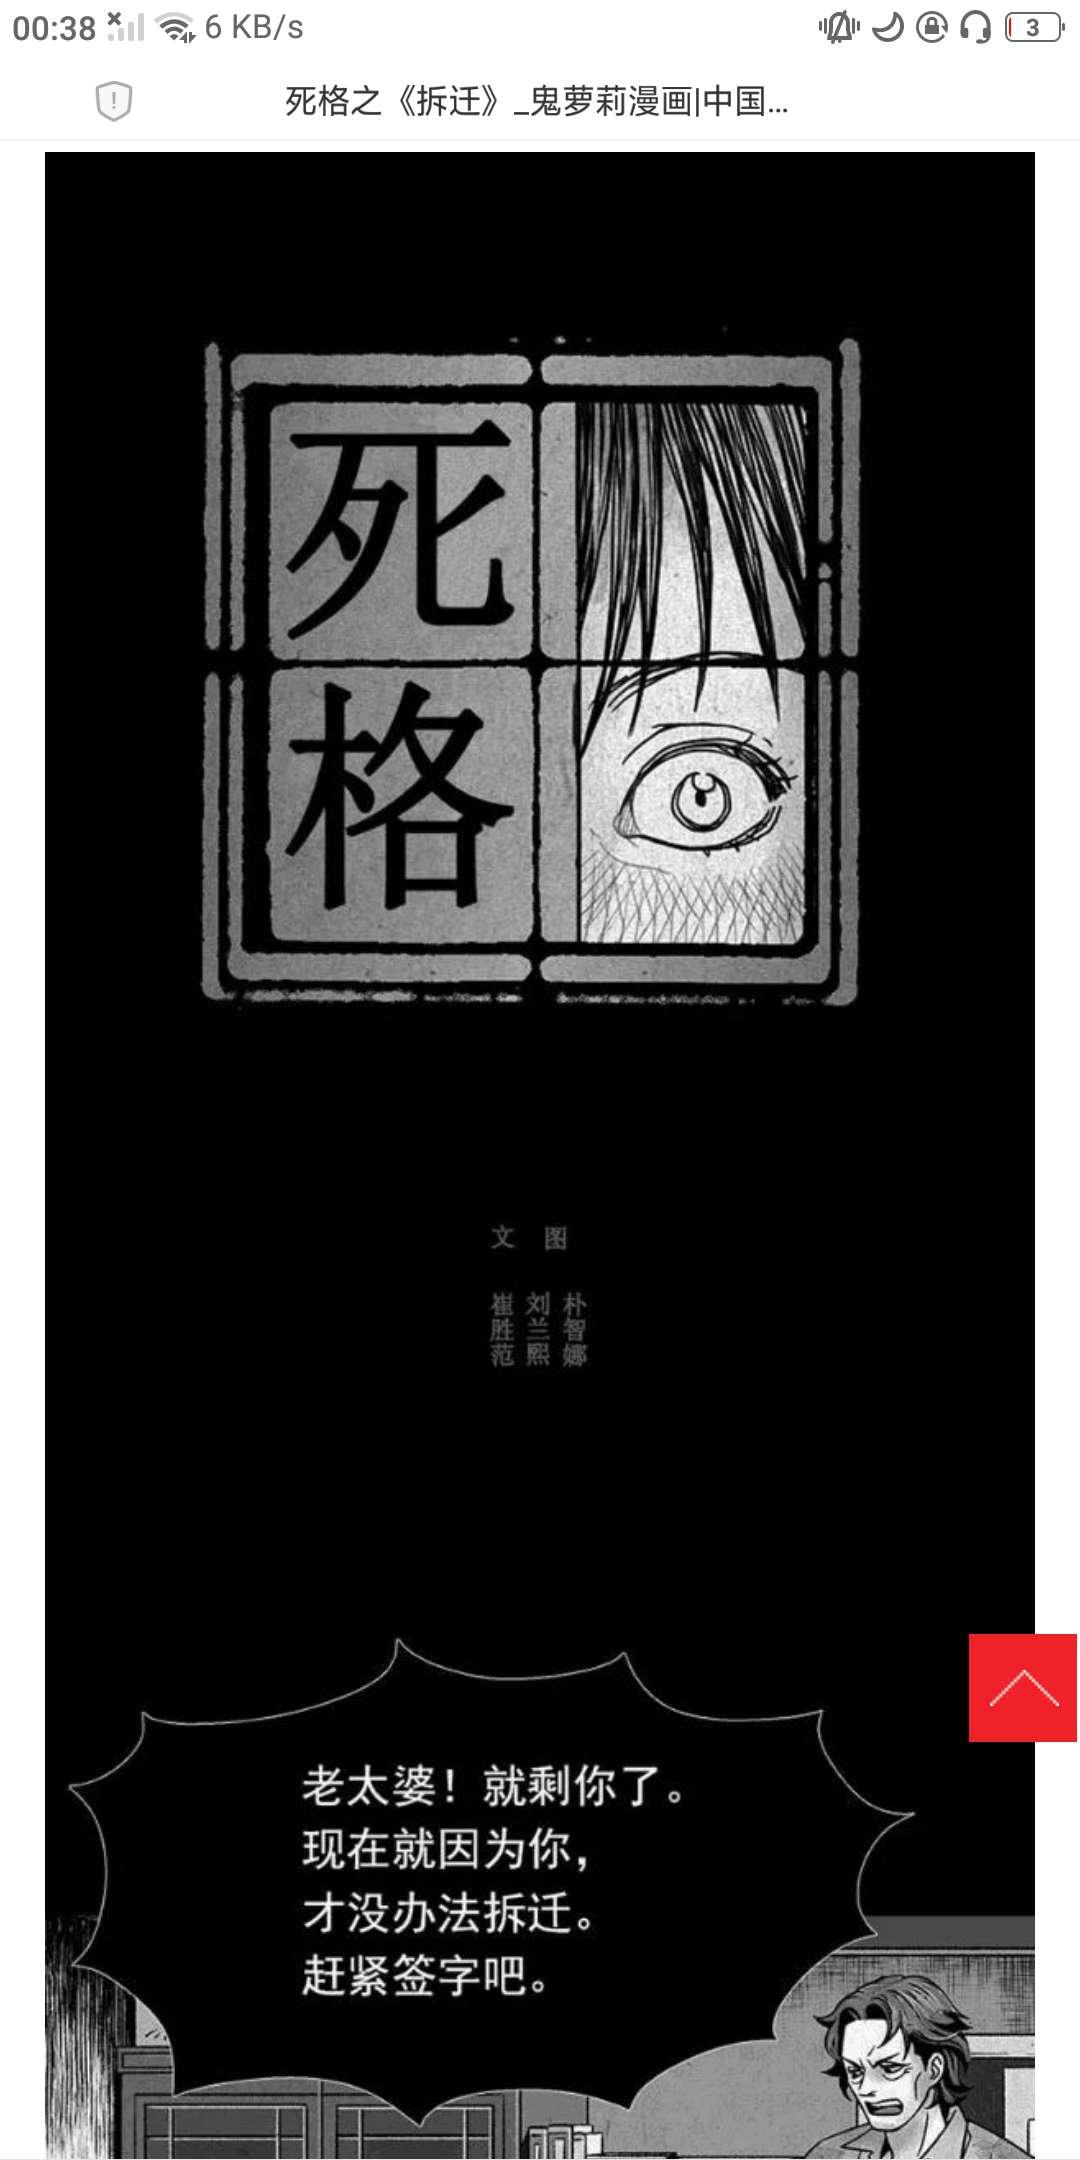 【漫画更新】死格之《拆迁》-小柚妹站